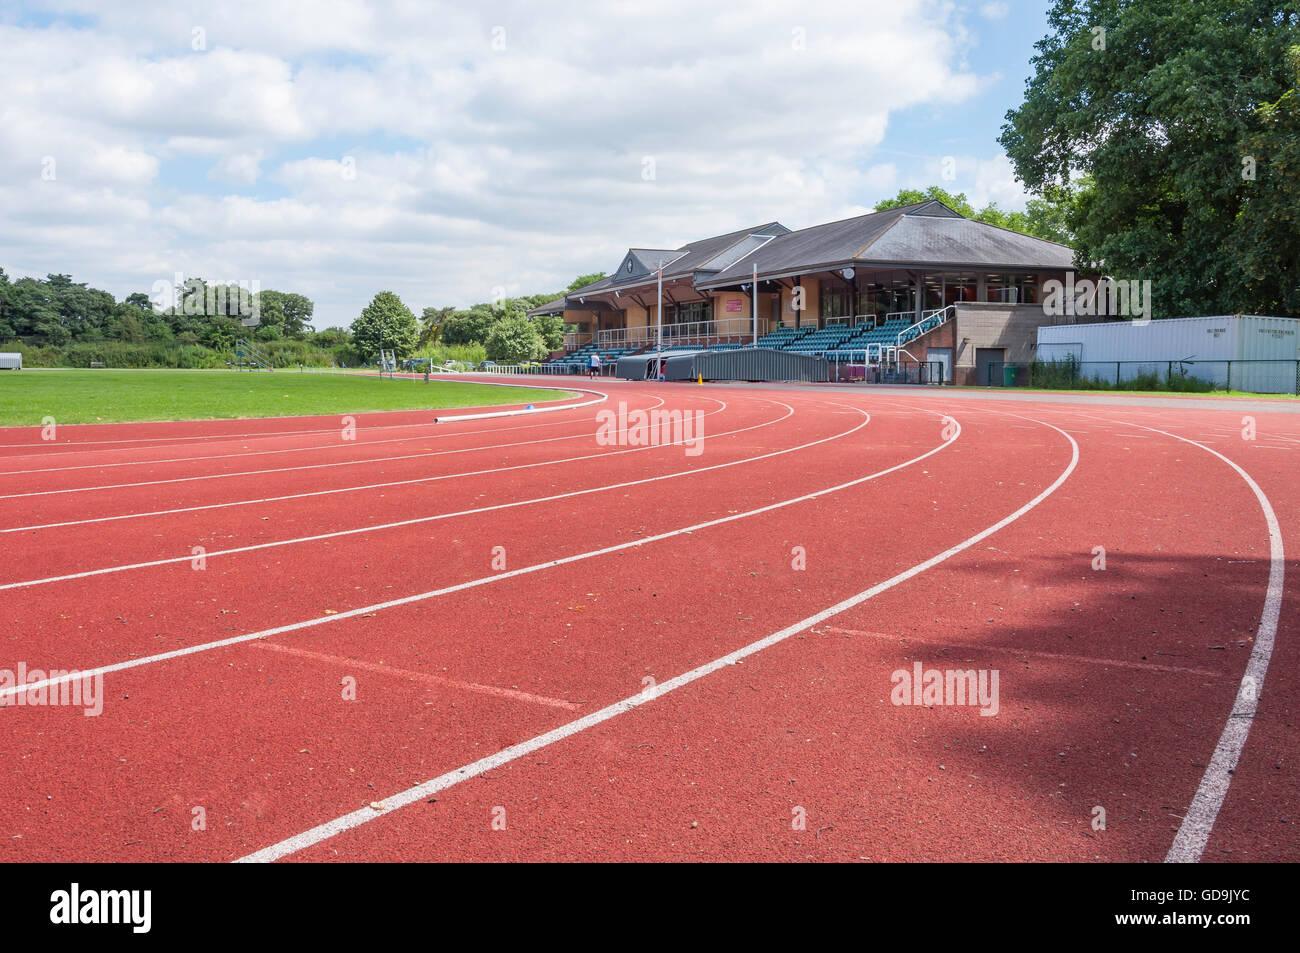 Laufstrecke in Thames Valley Athletics Centre, Pococks Lane, Eton, Berkshire, England, Vereinigtes Königreich Stockfoto